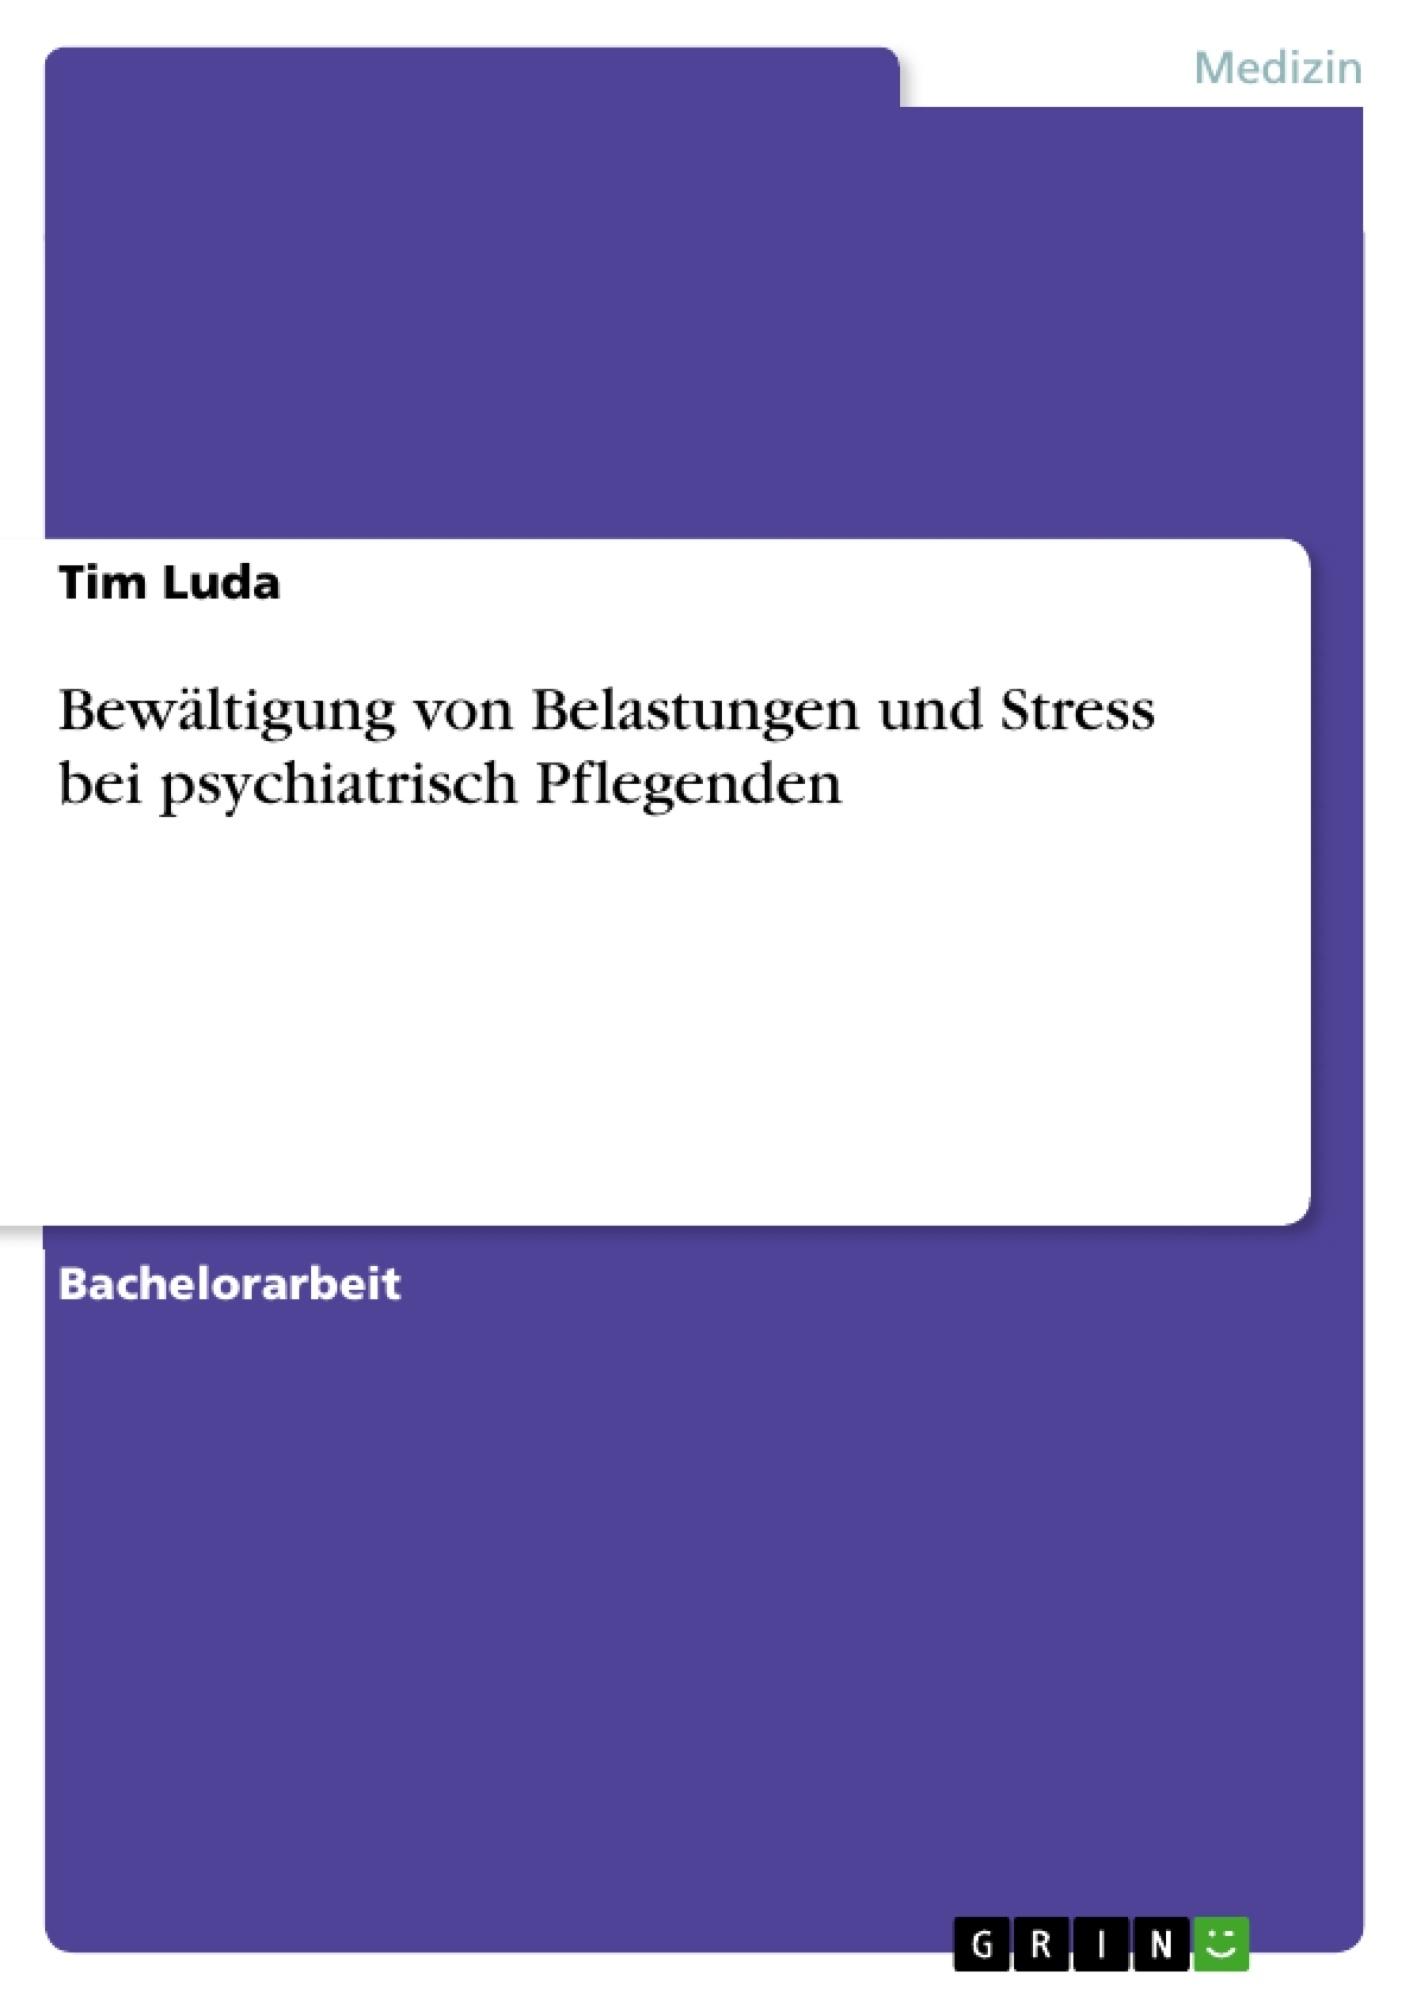 Titel: Bewältigung von Belastungen und Stress bei psychiatrisch Pflegenden